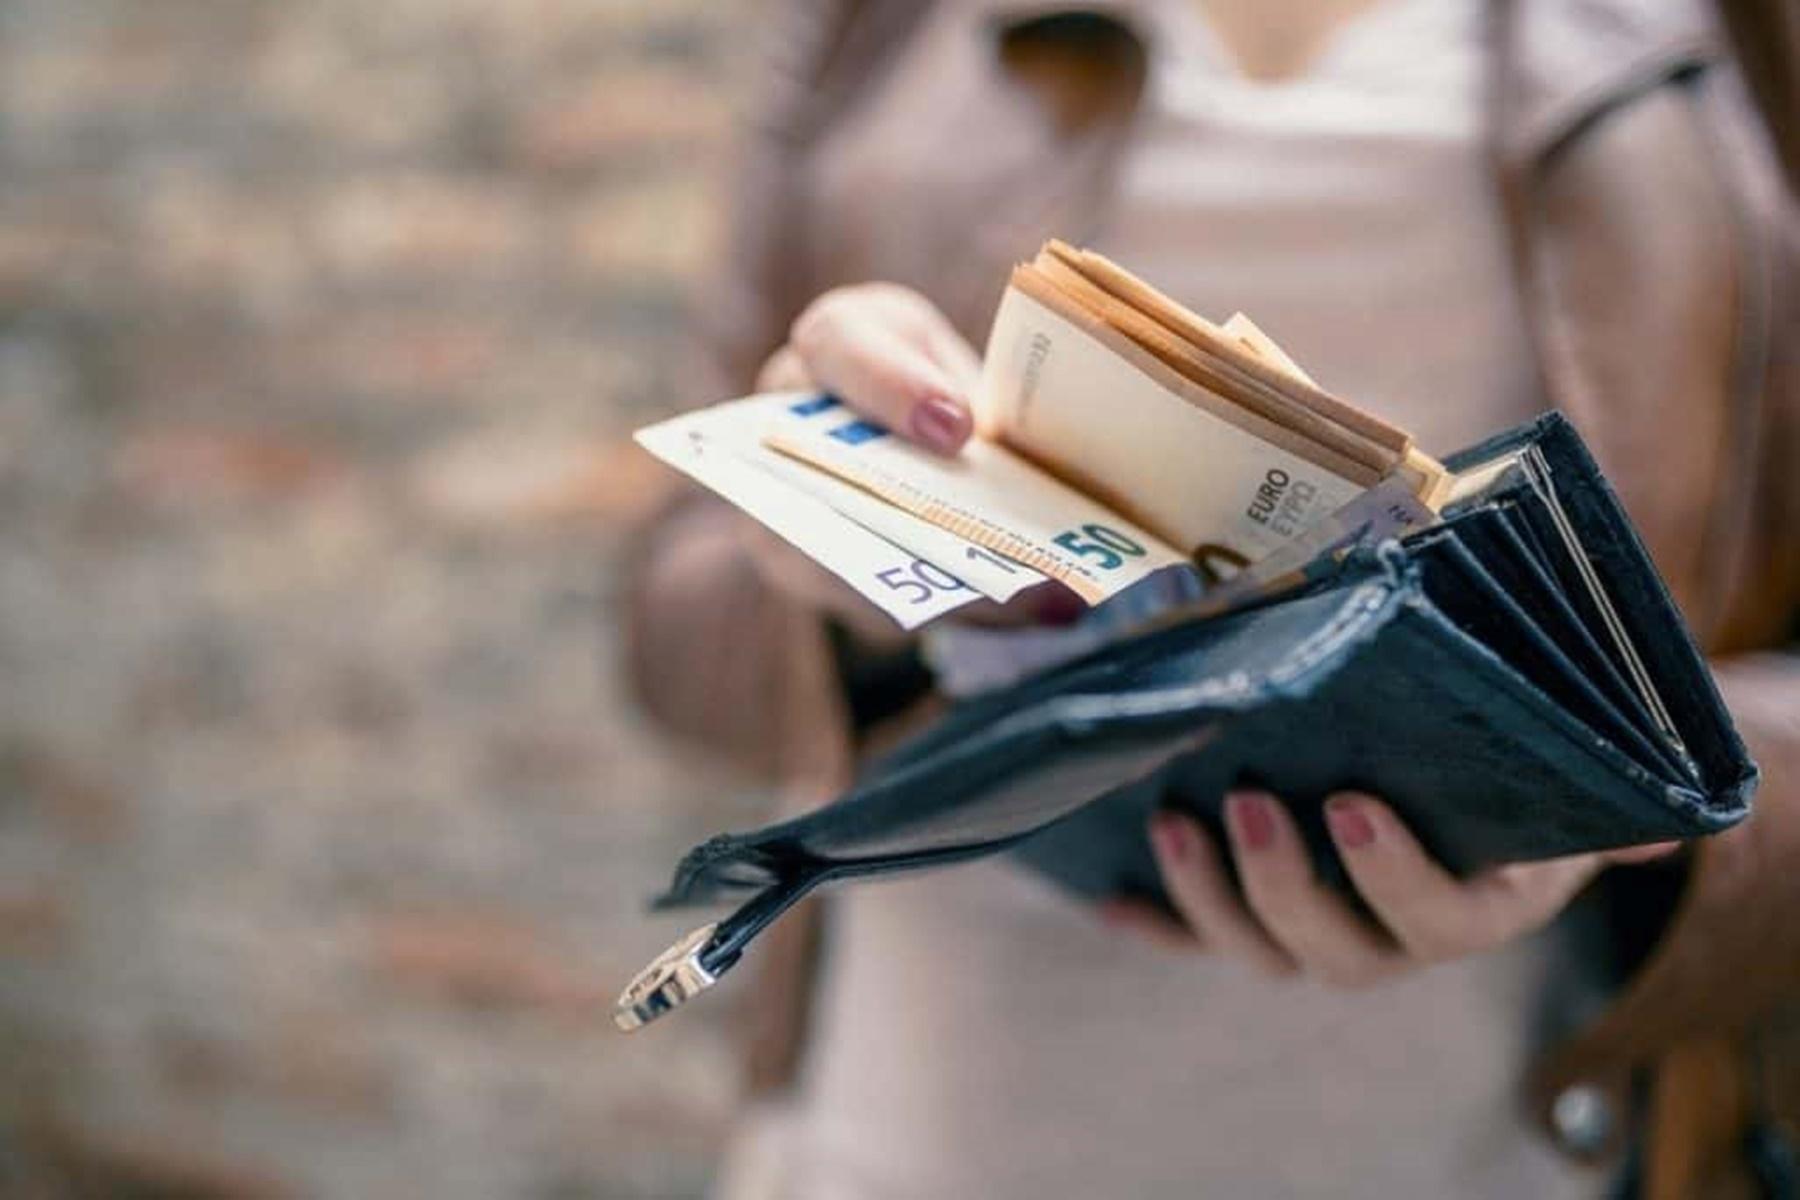 Επιδόματα ΟΠΕΚΑ : Καταβολές μέχρι τέλη Μαρτίου